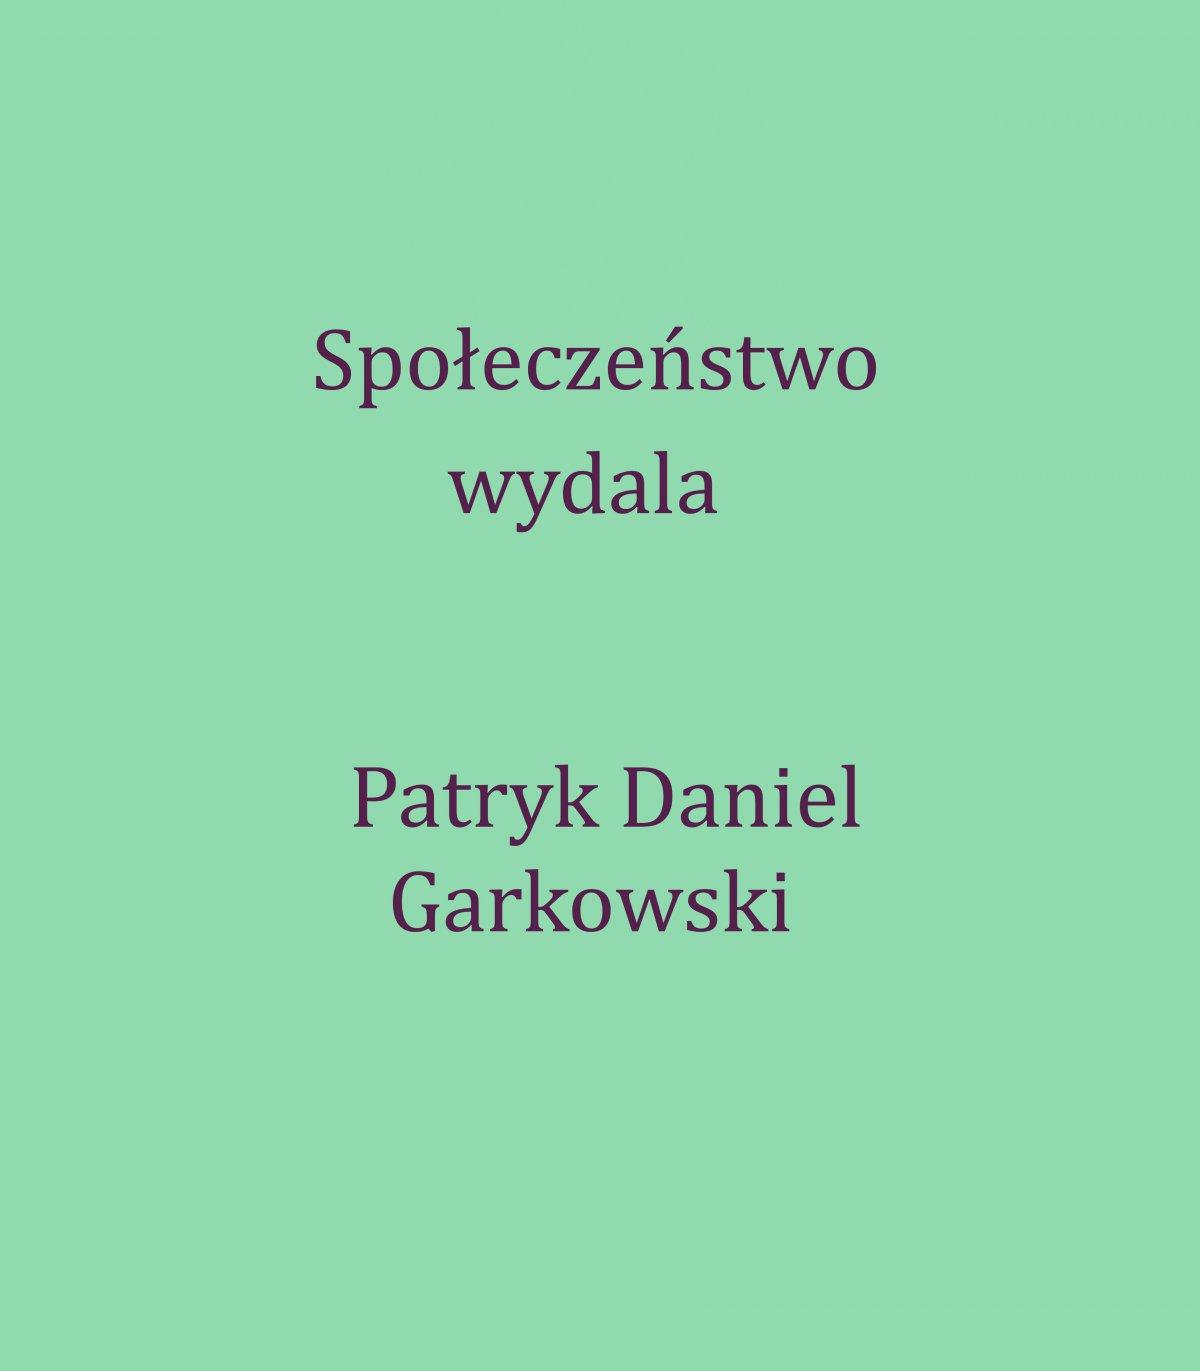 Społeczeństwo wydala - Ebook (Książka PDF) do pobrania w formacie PDF